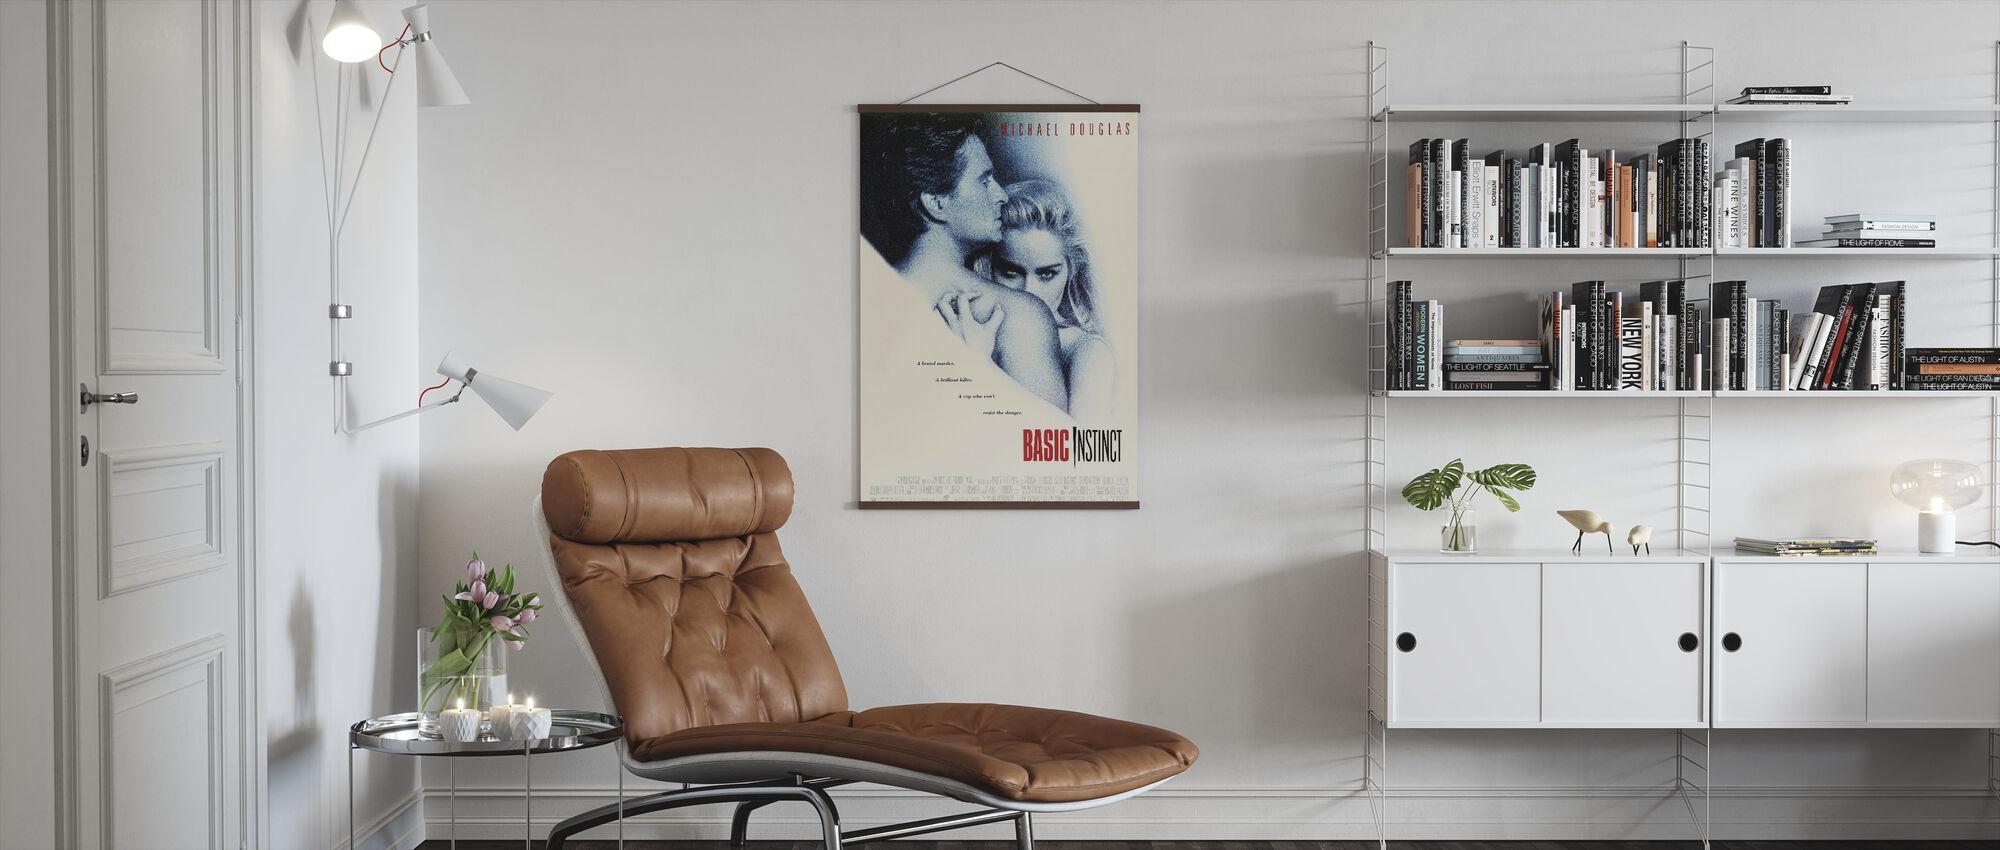 Grundlegender Instinkt - Poster - Wohnzimmer